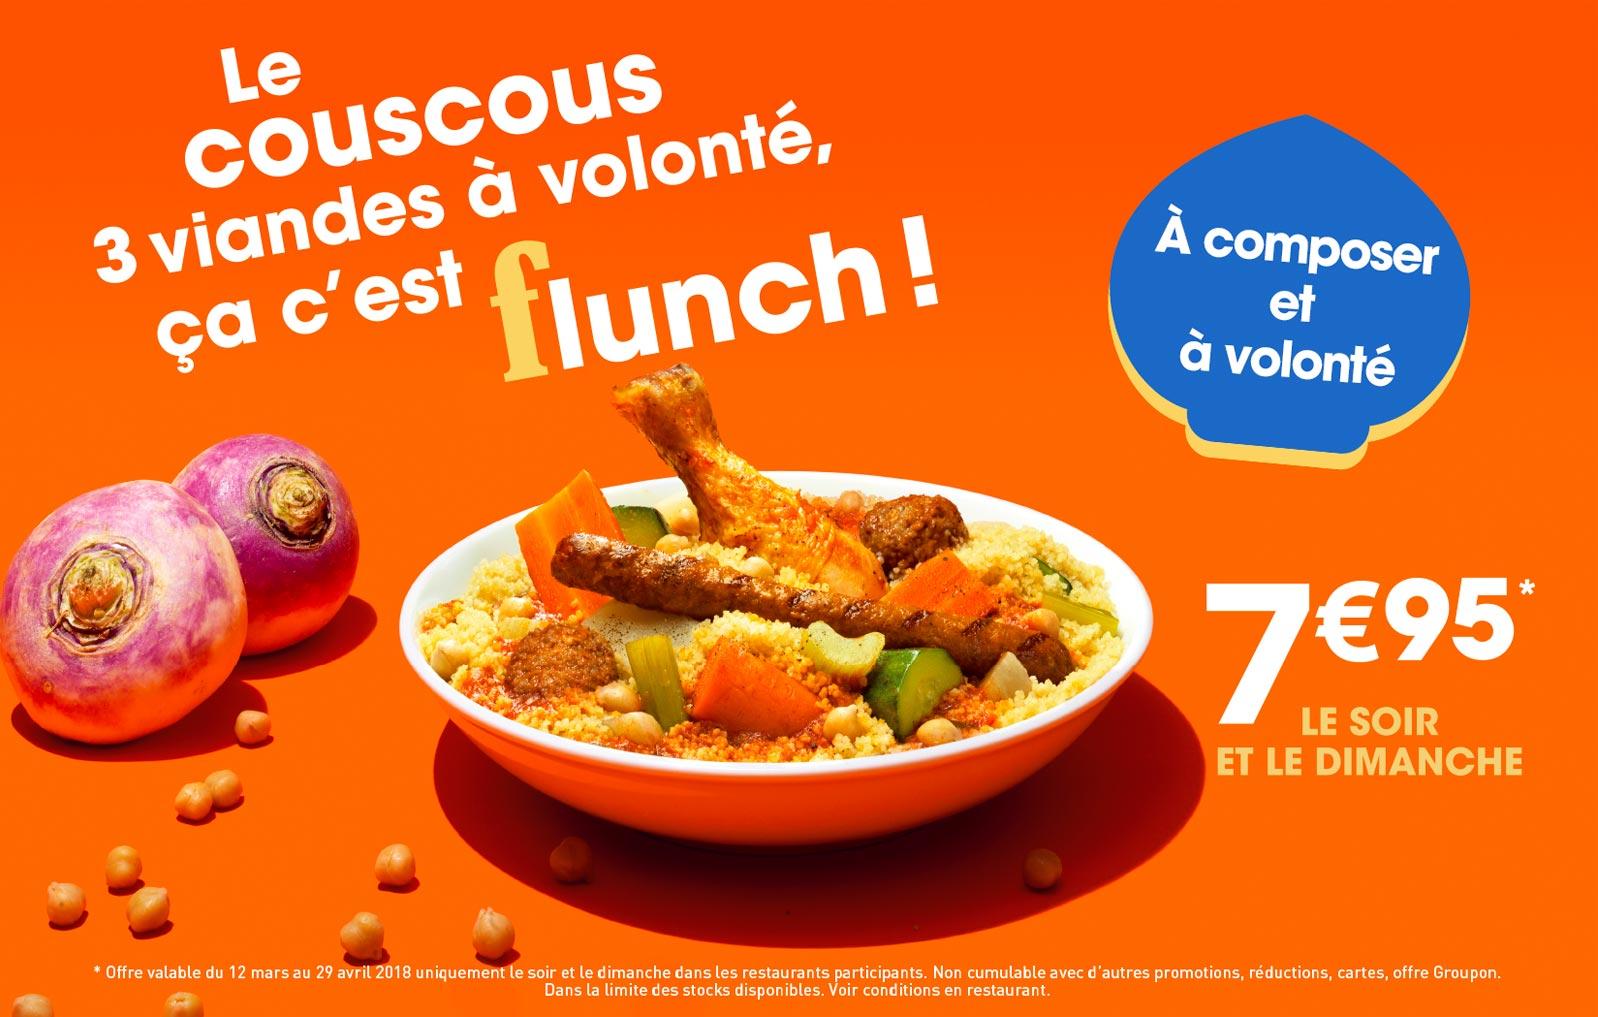 couscous flunch